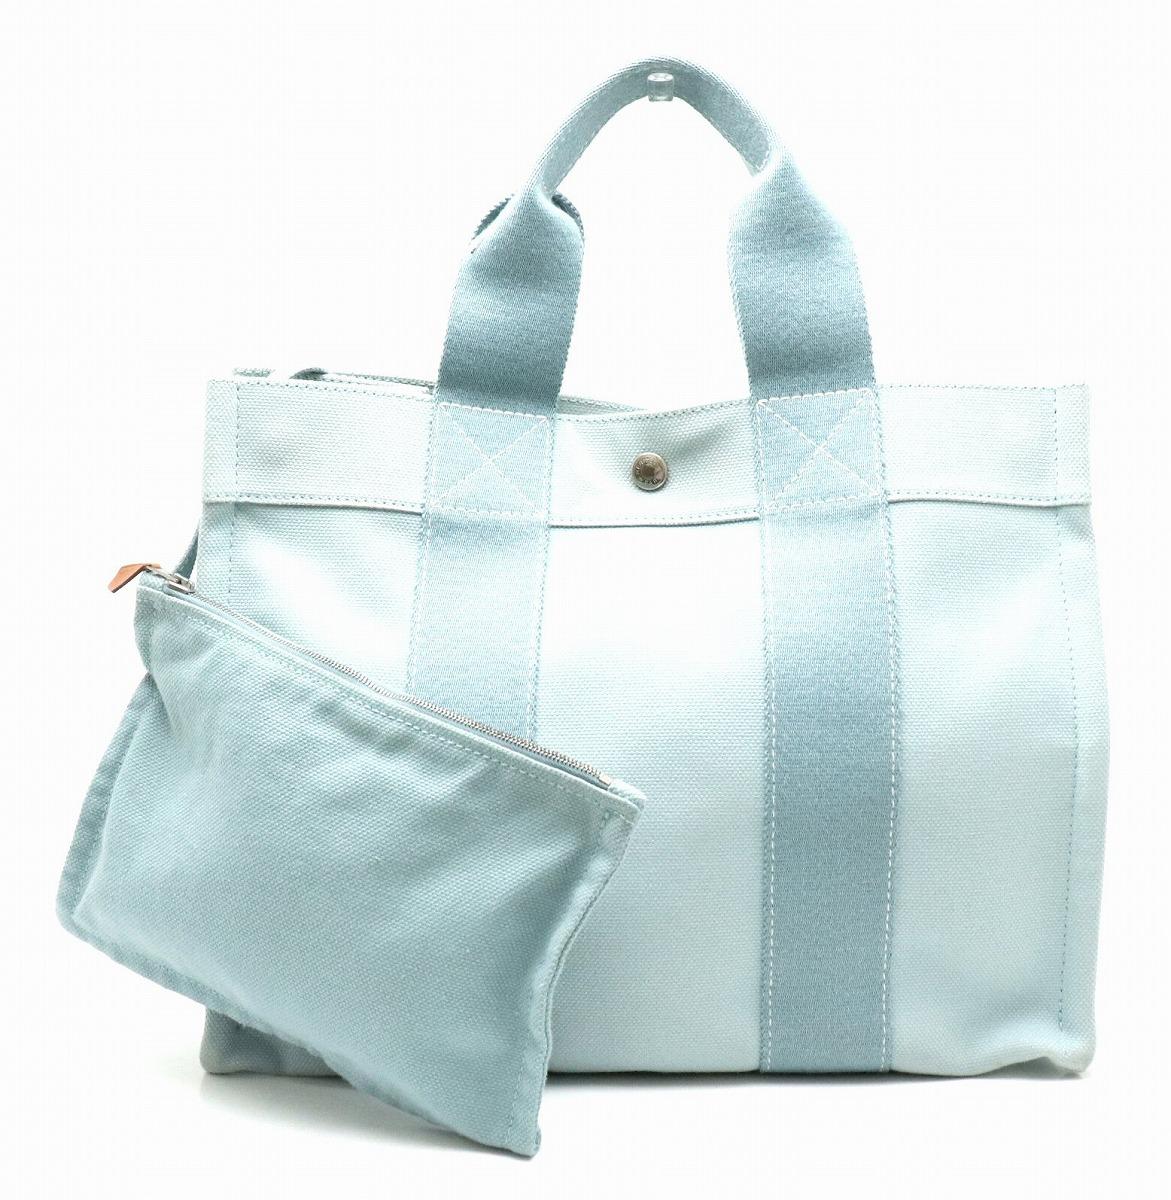 【バッグ】HERMES エルメス ボラボラPM ボラボラトートPM トートバッグ ハンドバッグ キャンバス 水色 ライトブルー 【中古】【k】